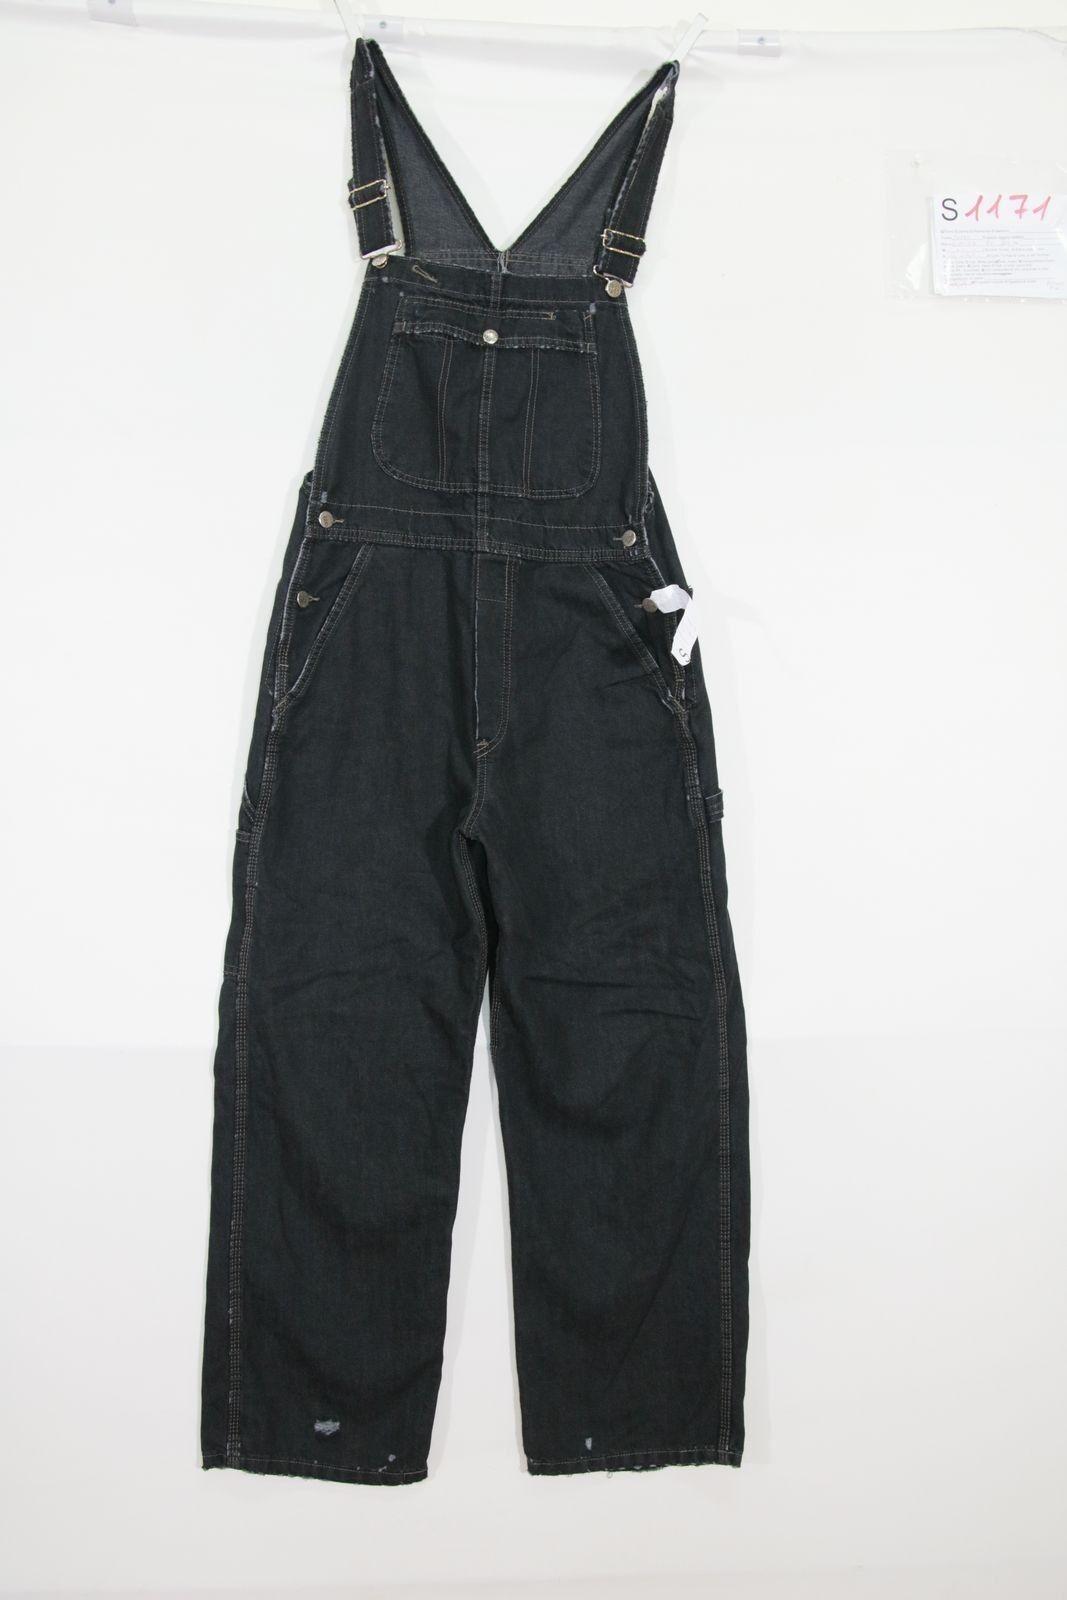 Salopette Lee (Cod. S1171)  jeans usato vintage black